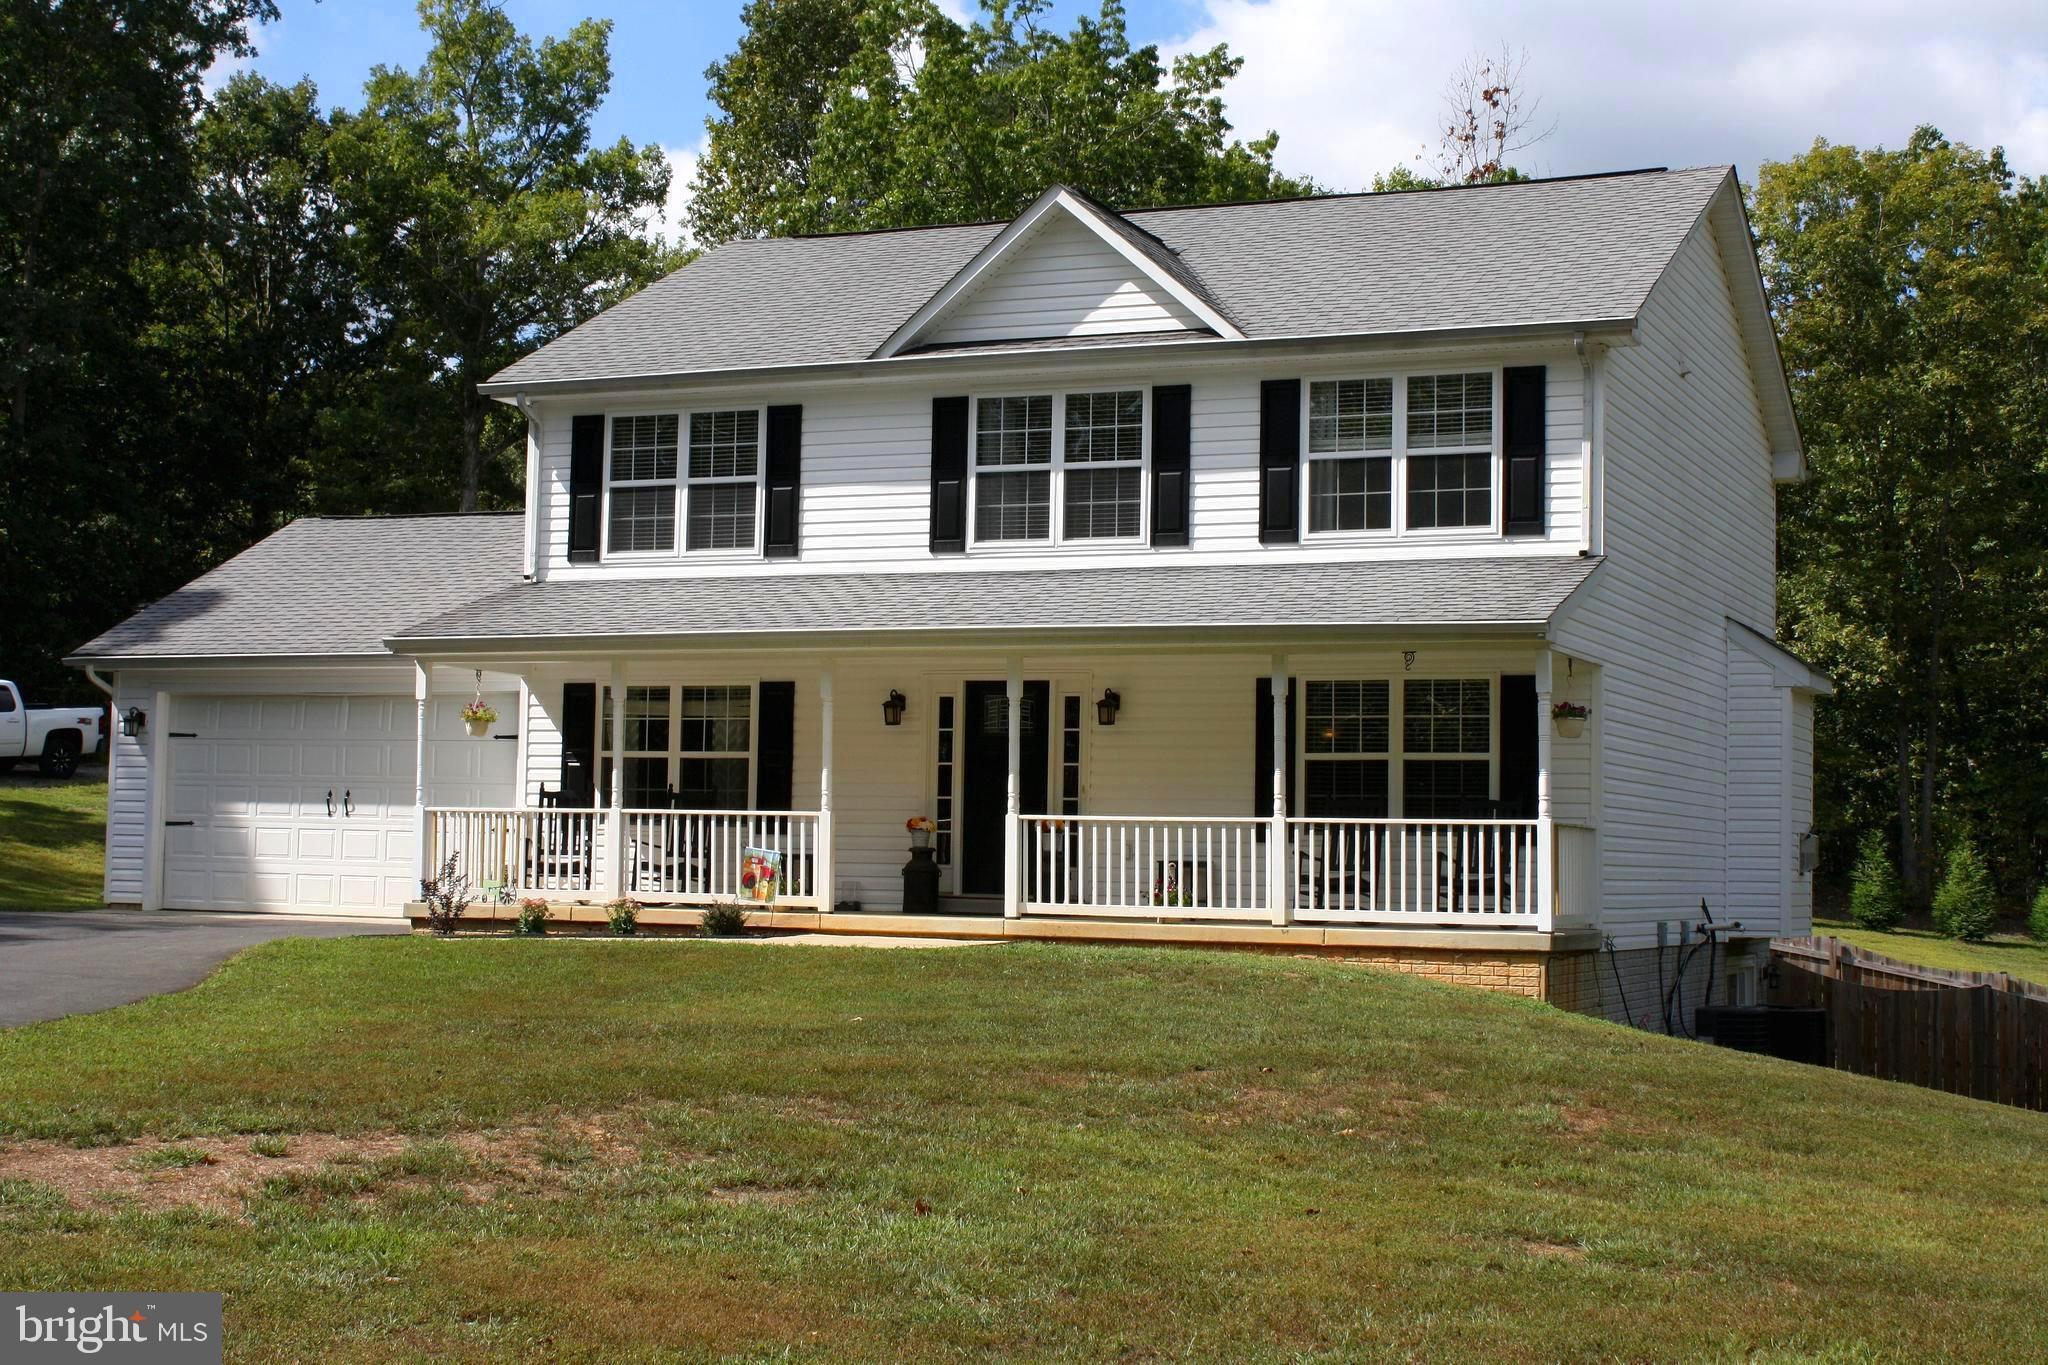 18164 SLATE HILL LANE, GORDONSVILLE, VA 22942